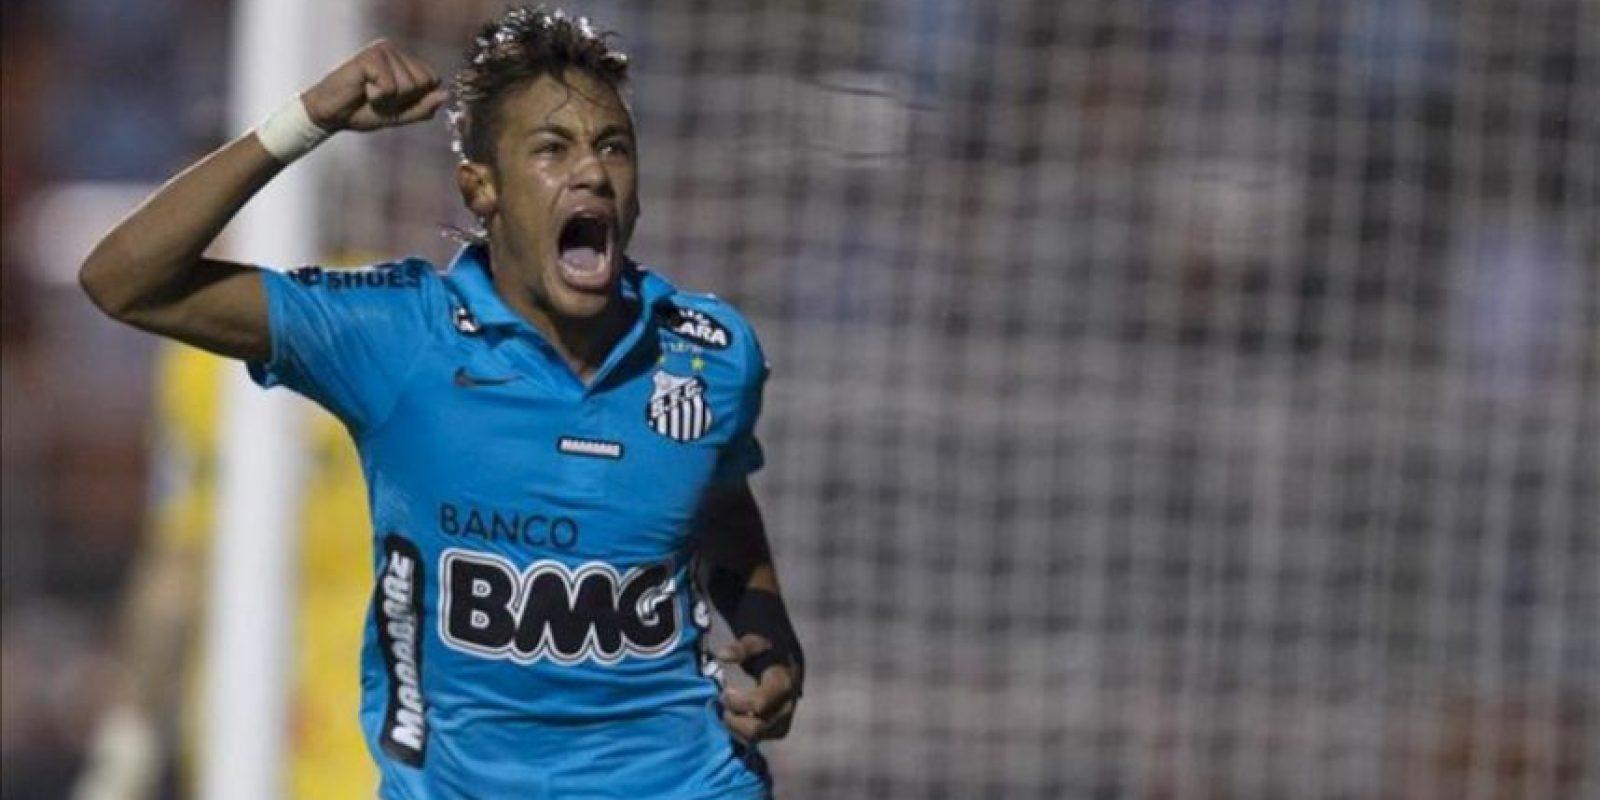 Neymar anotó el tanto que le dio la ventaja parcial al Santos sobre el Corinthians, pero con el 1-1 final su logro resultó insuficiente para garantizar la clasificación a la final del actual campeón de la Libertadores. EFE